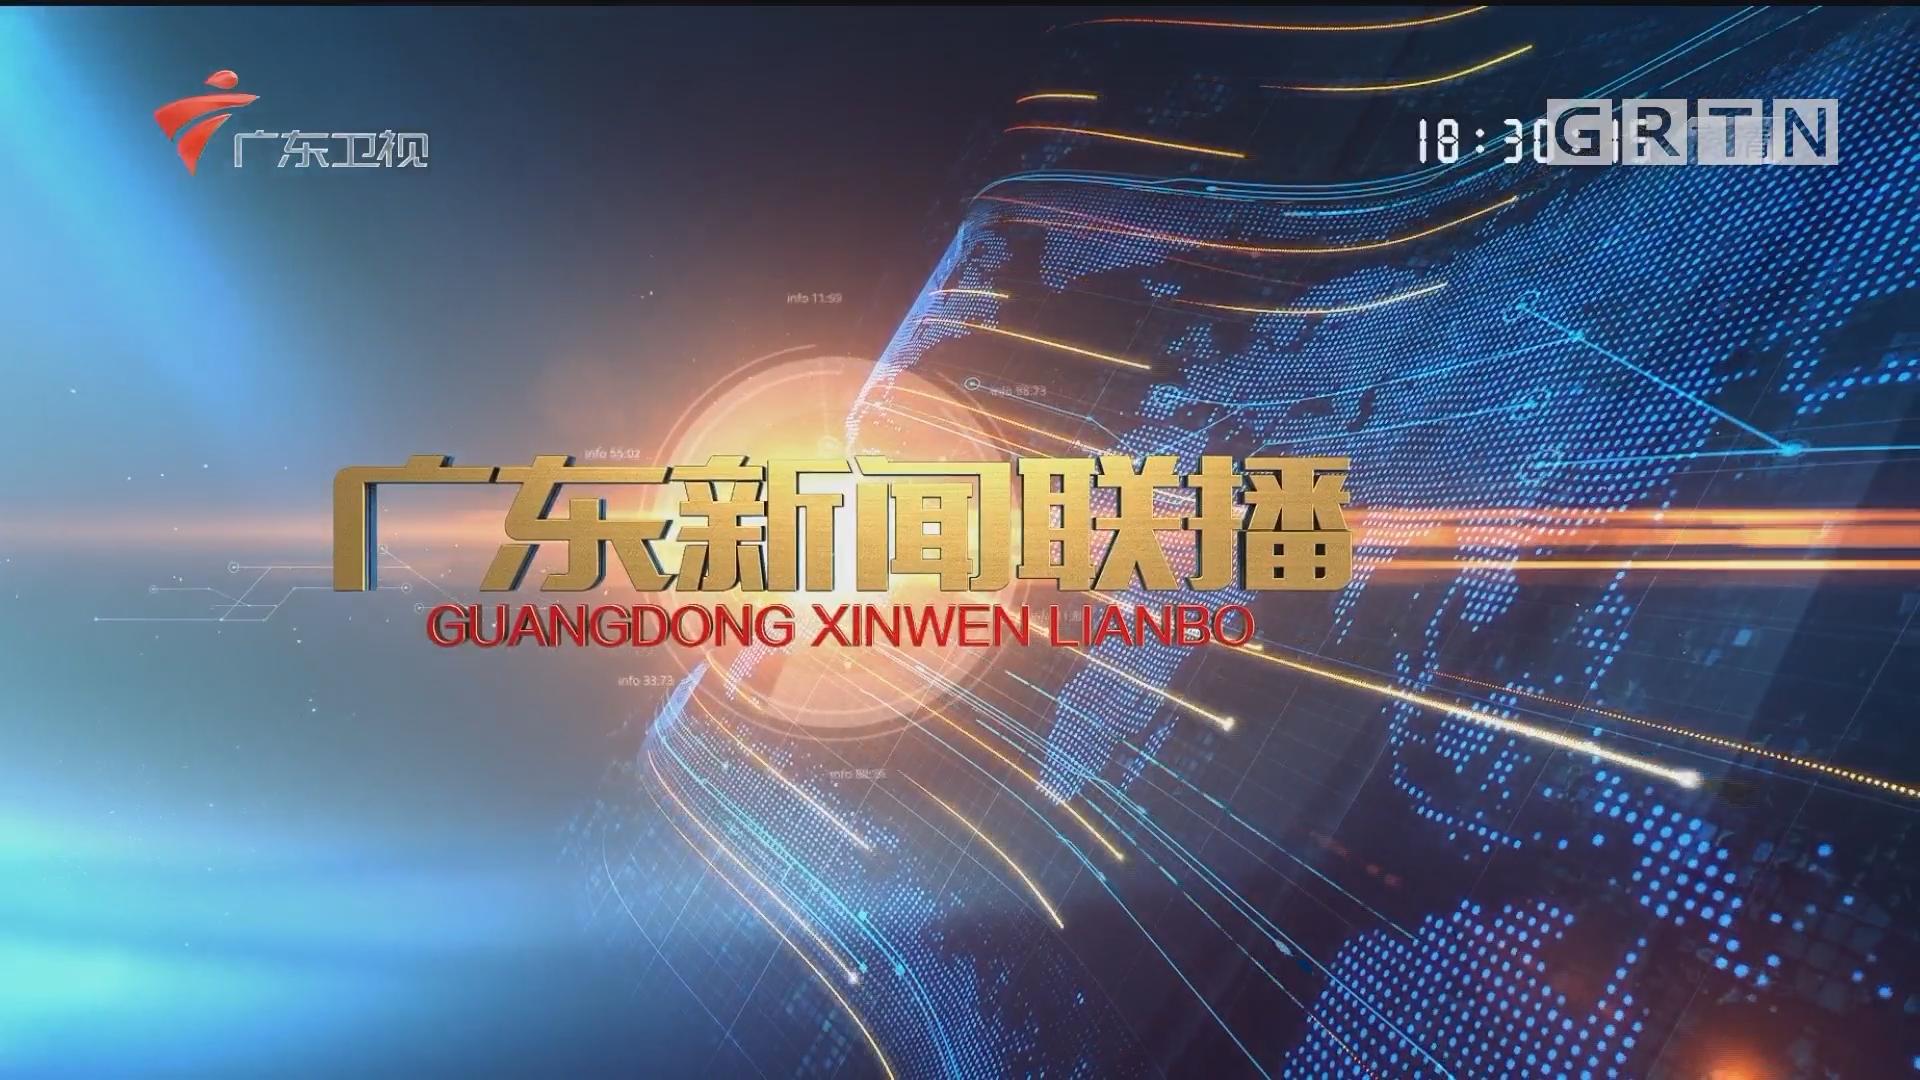 [HD][2017-09-06]广东新闻联播:广东多地交通建设提档增速 经济发展提质增效